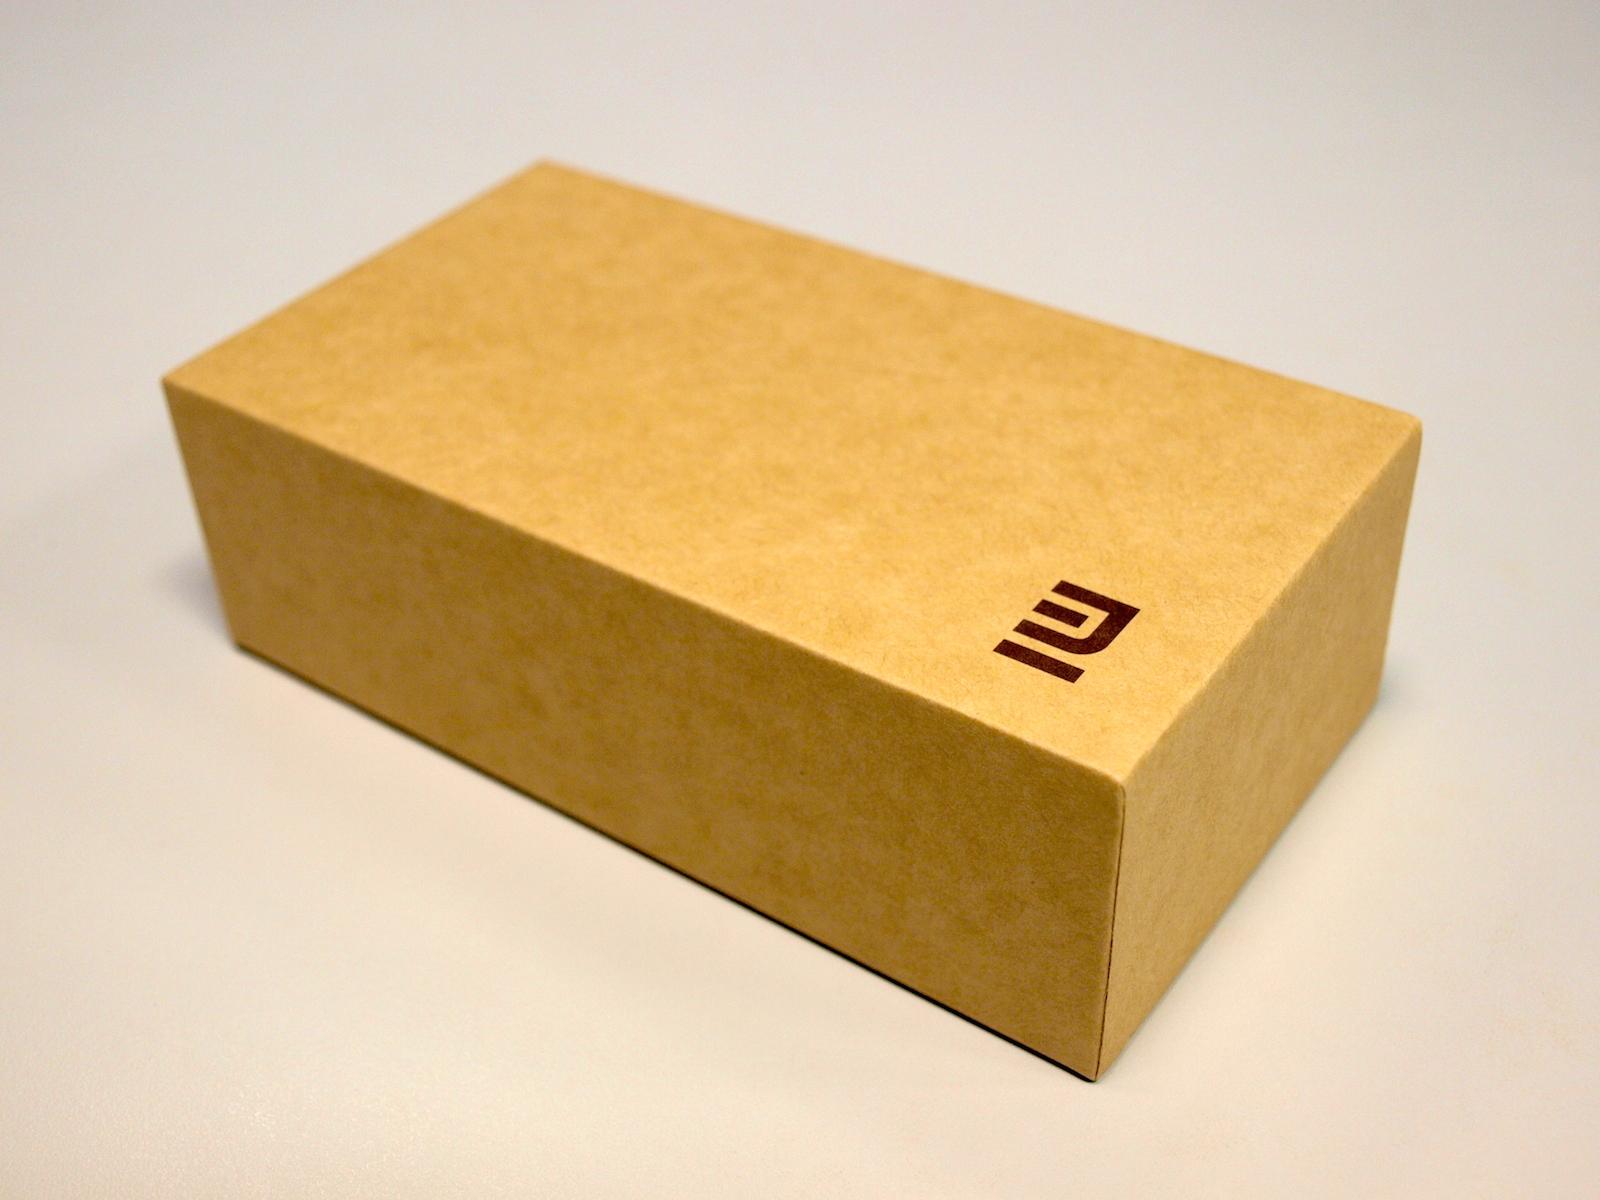 紅米手機包裝盒